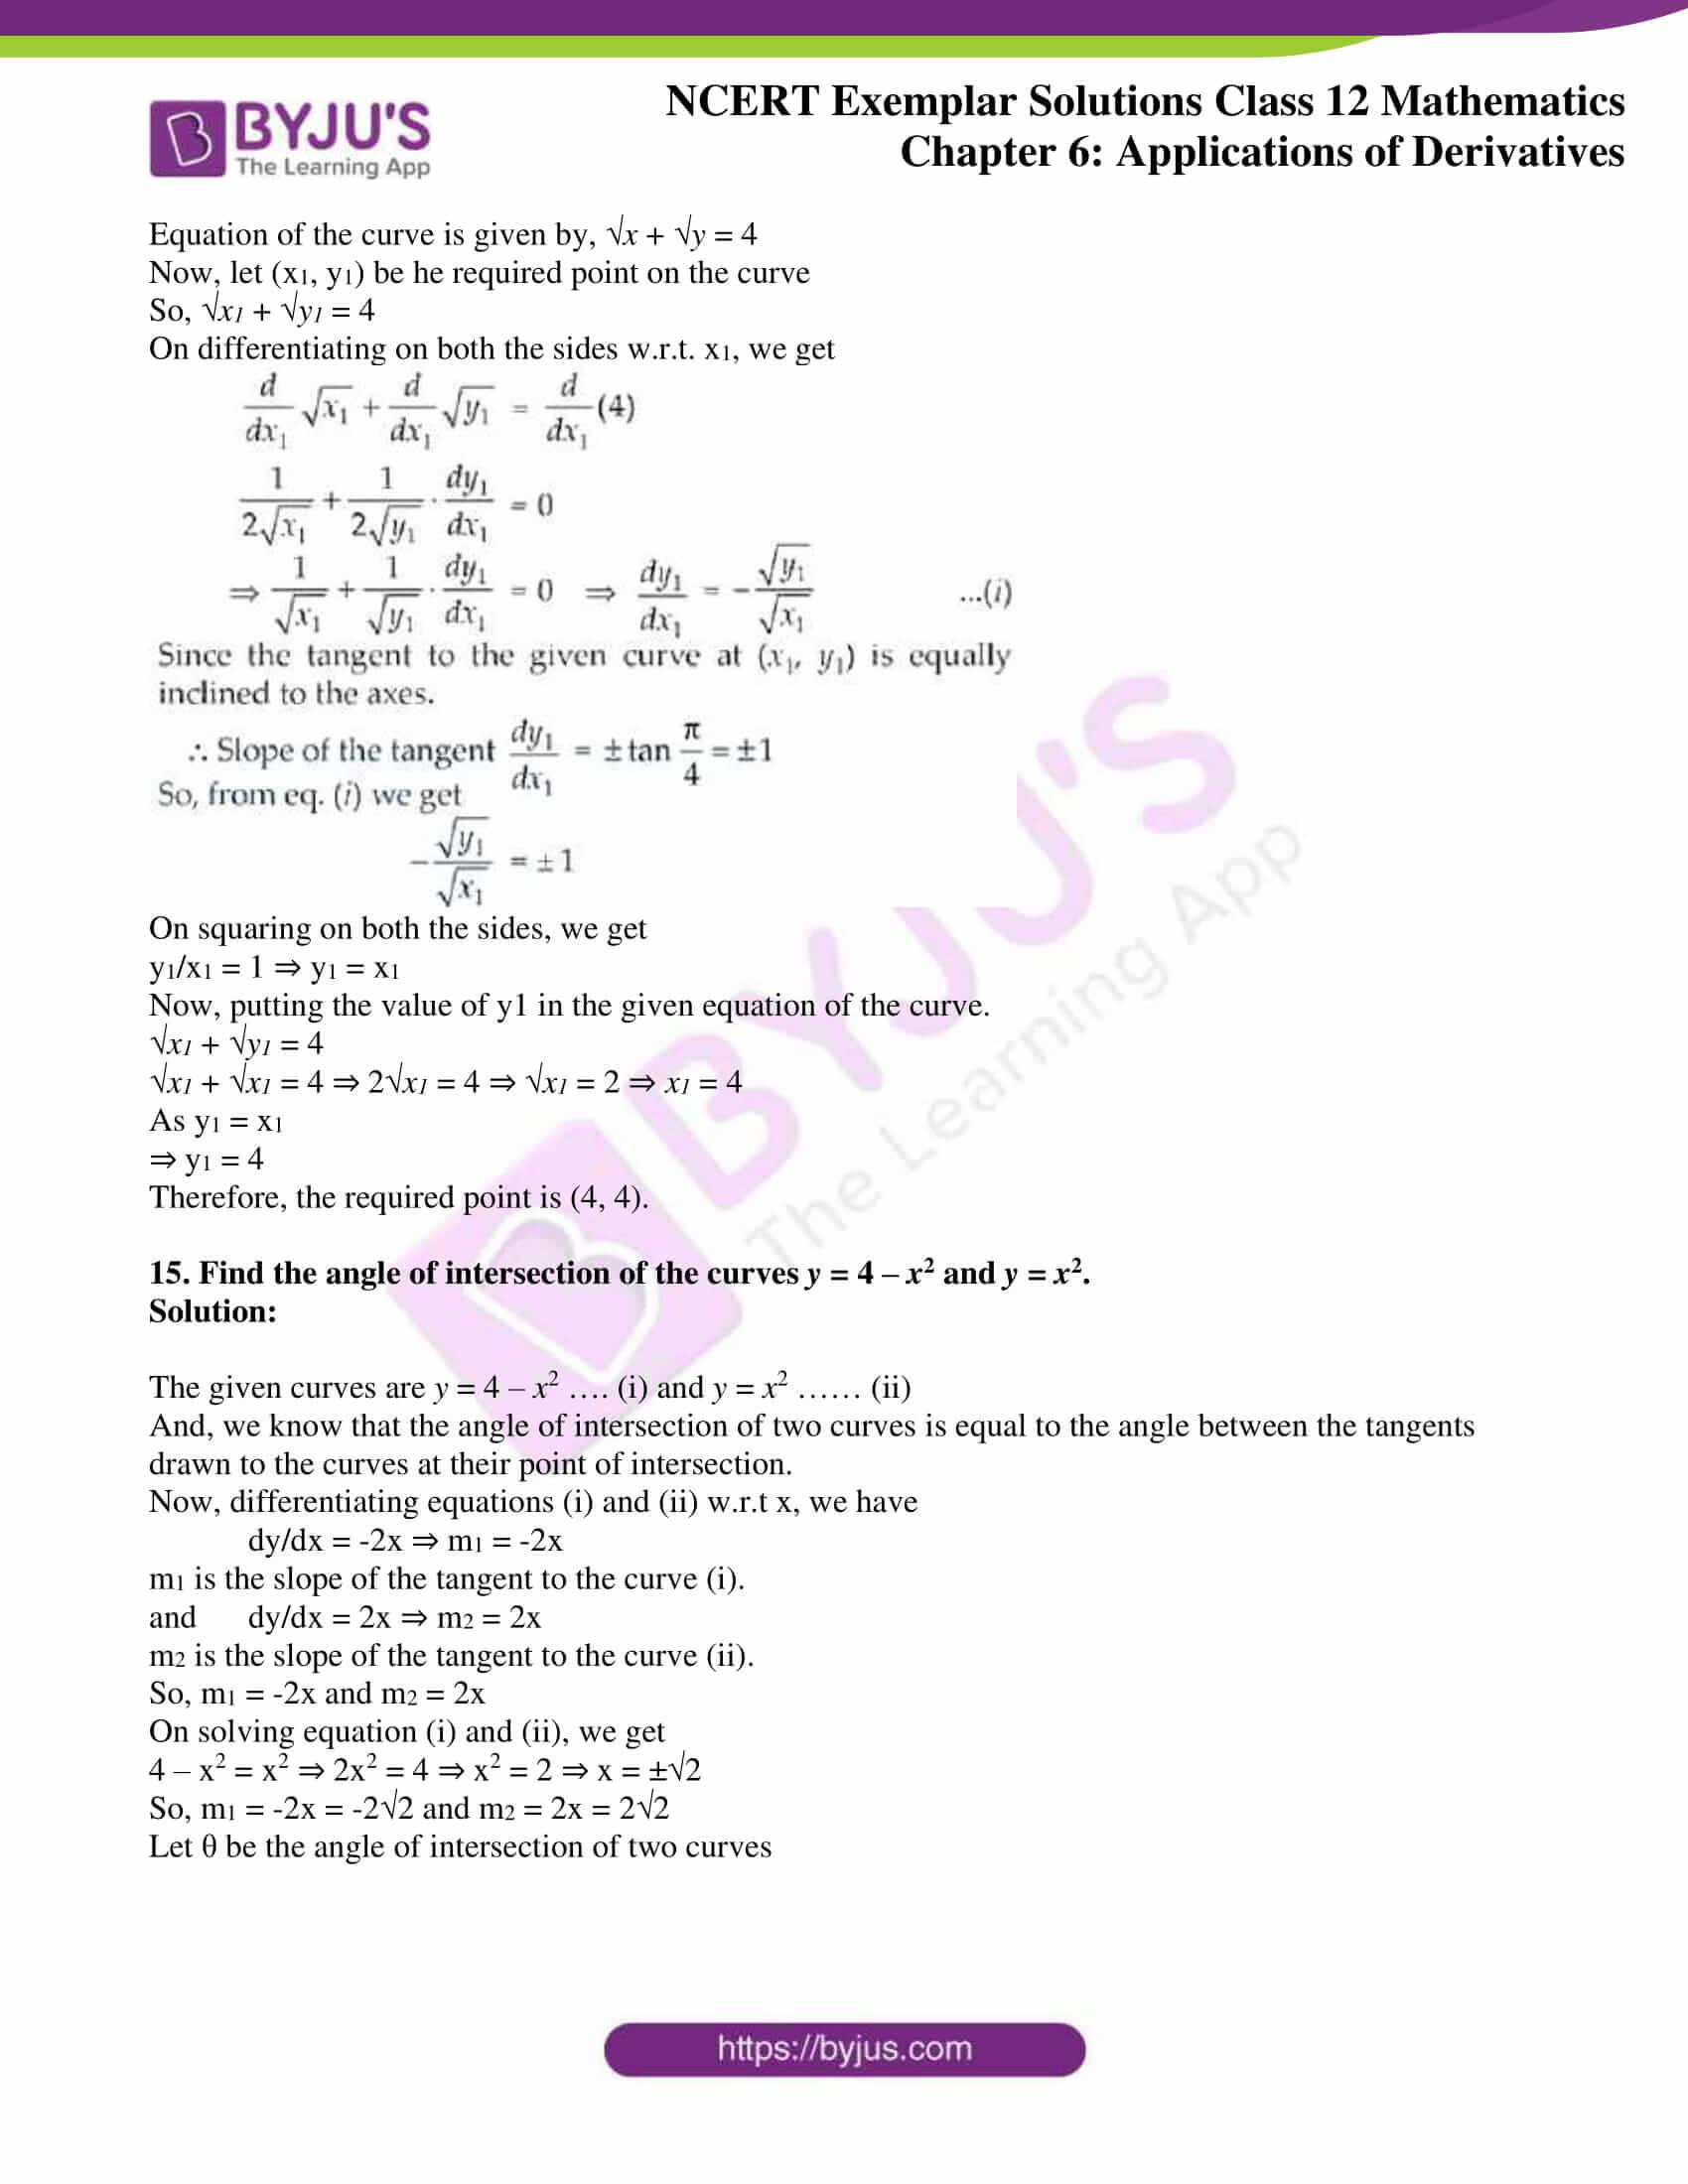 ncert exemplar sol class 12 math ch6 08